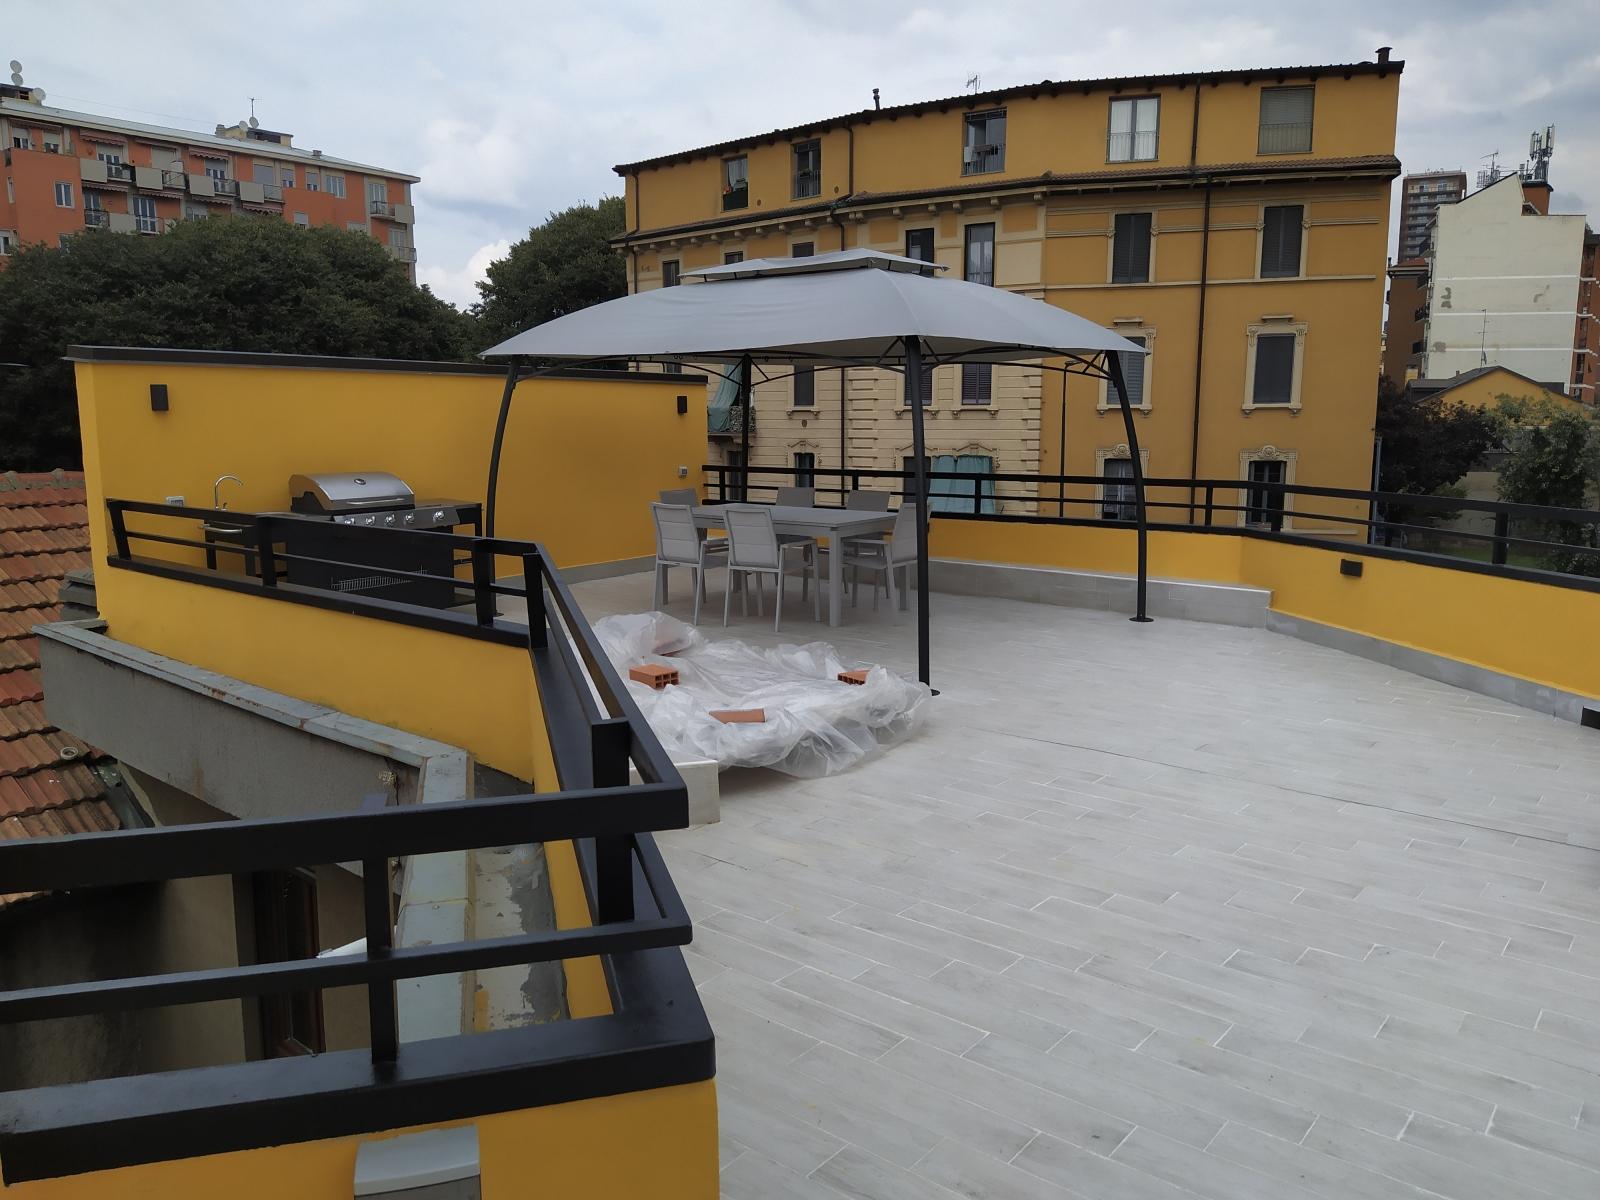 appartamento-in-vendita-milano-bovisa-piazza-dergano-3-locali-con-terrazzo-spaziourbano-immobiliare-vende-15